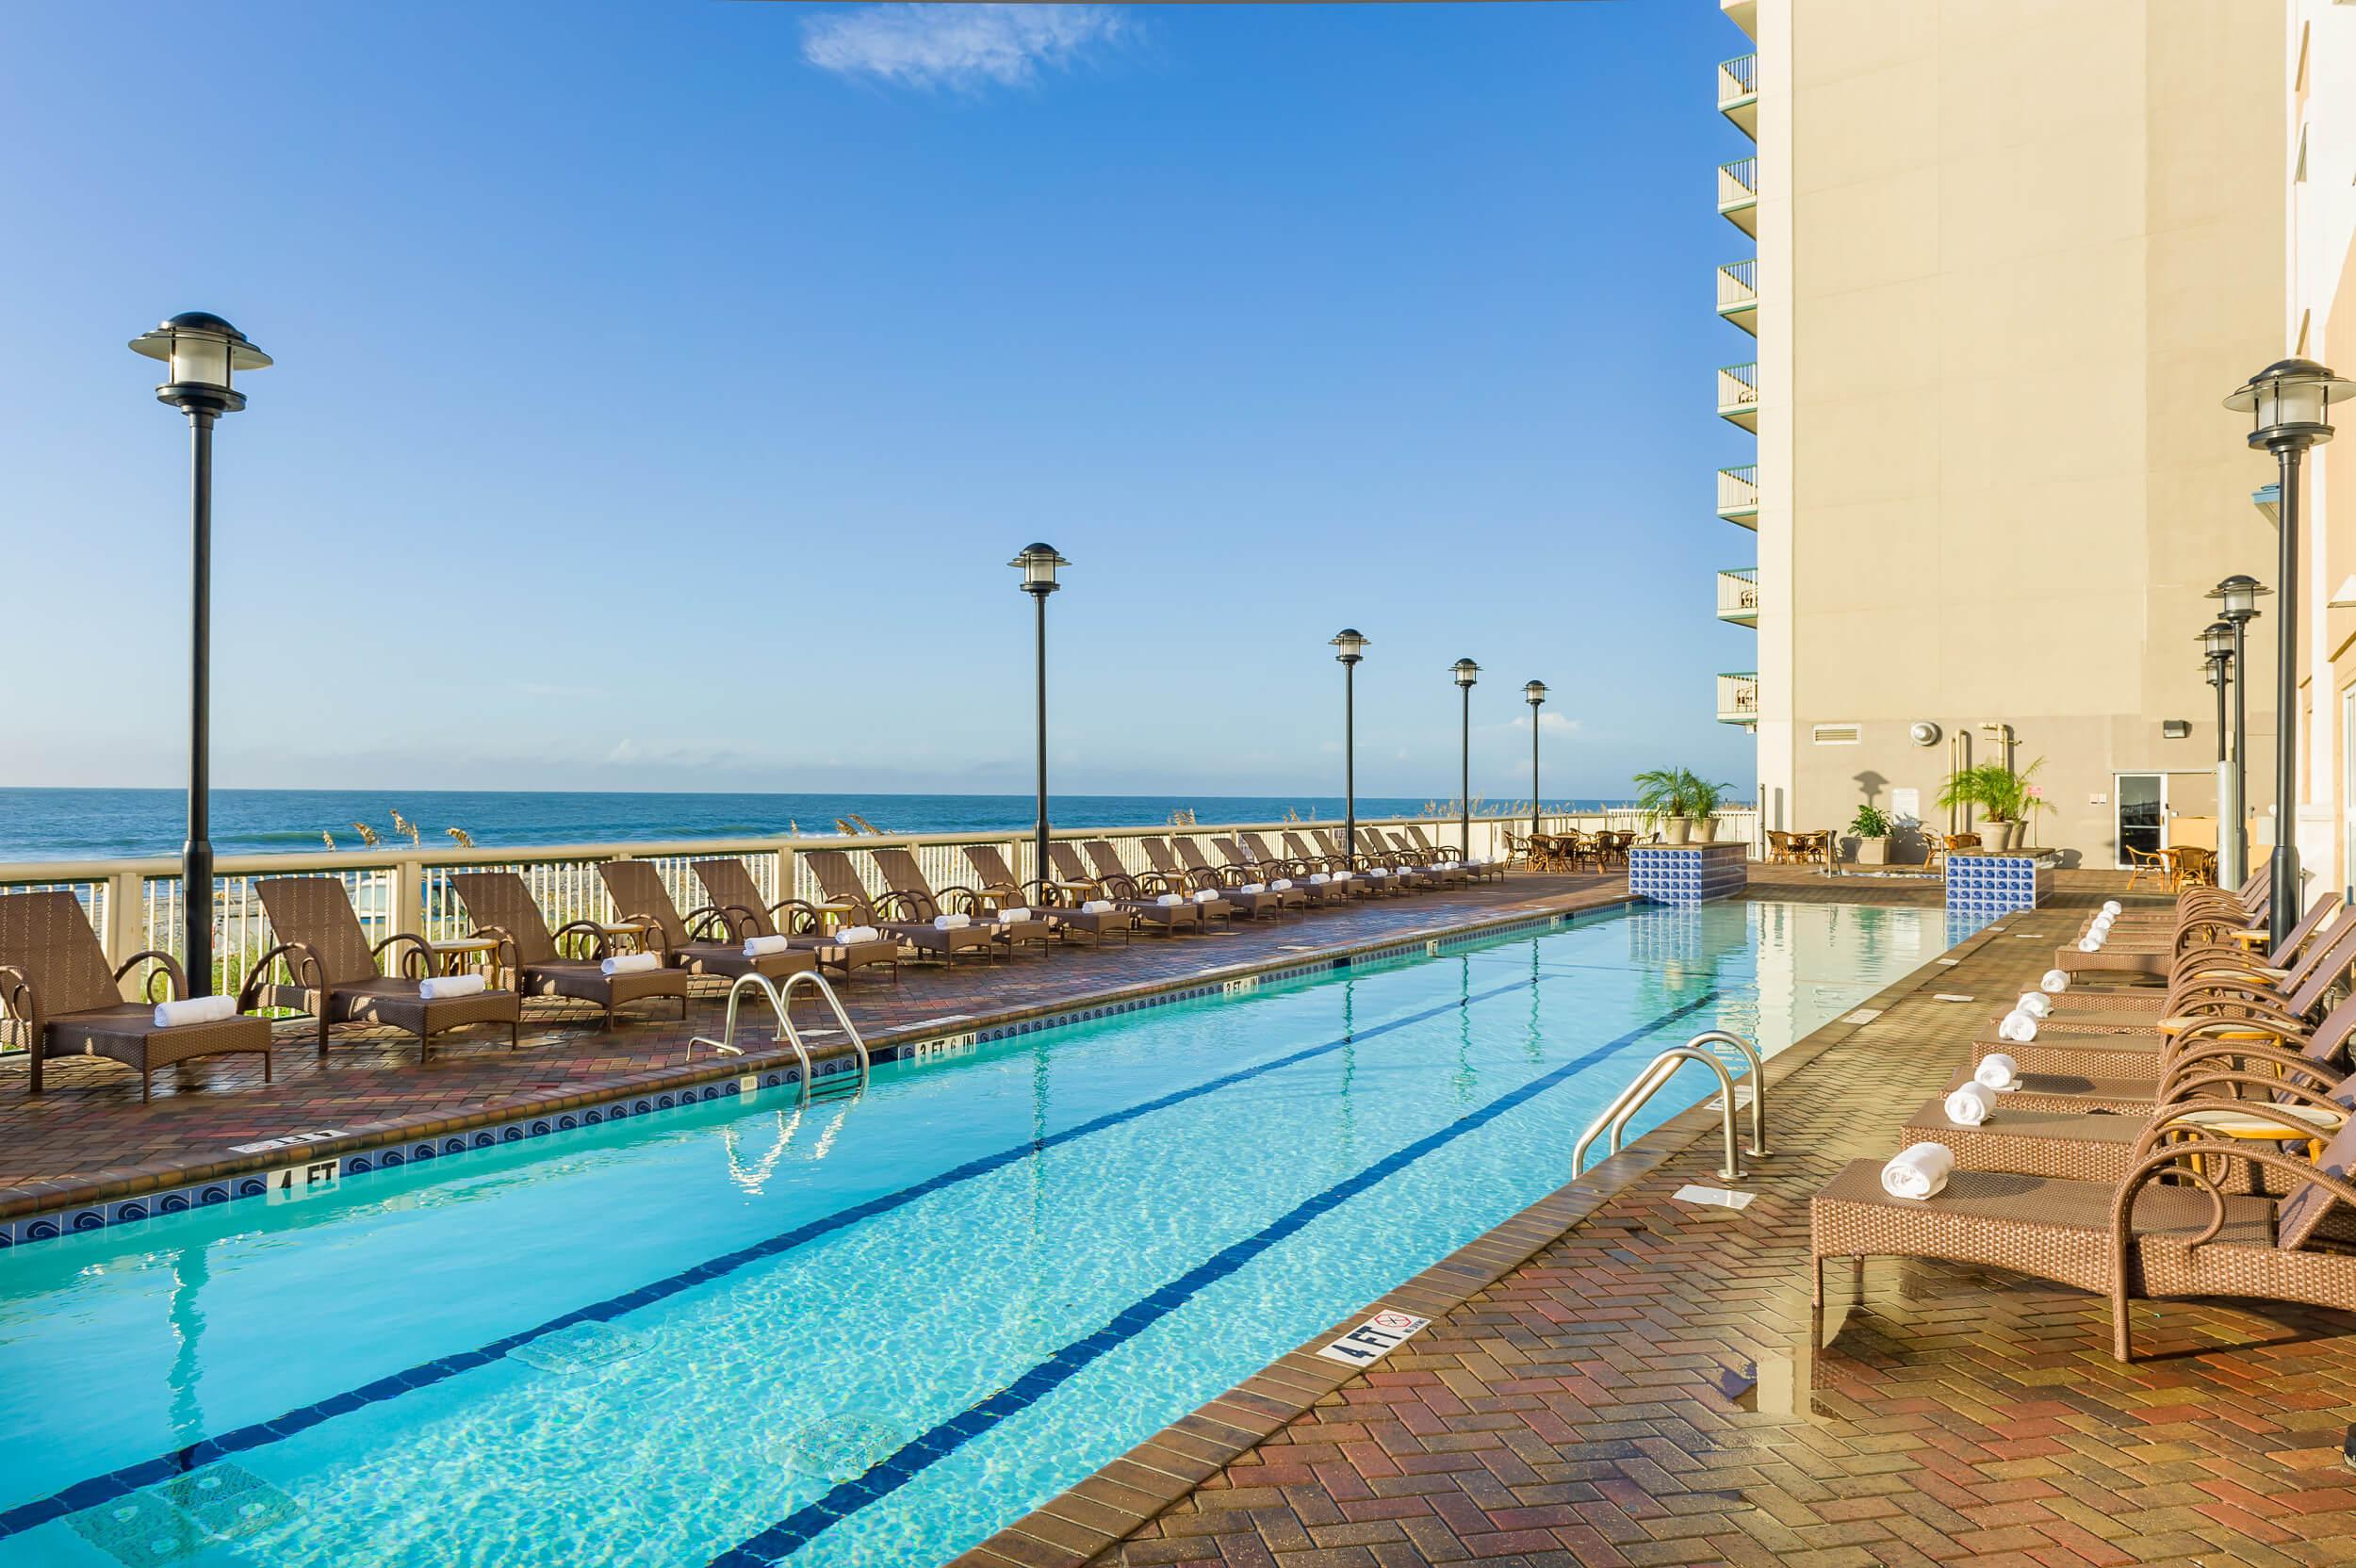 Myrtle Beach Oceanfront Hotels  Westgate Myrtle Beach